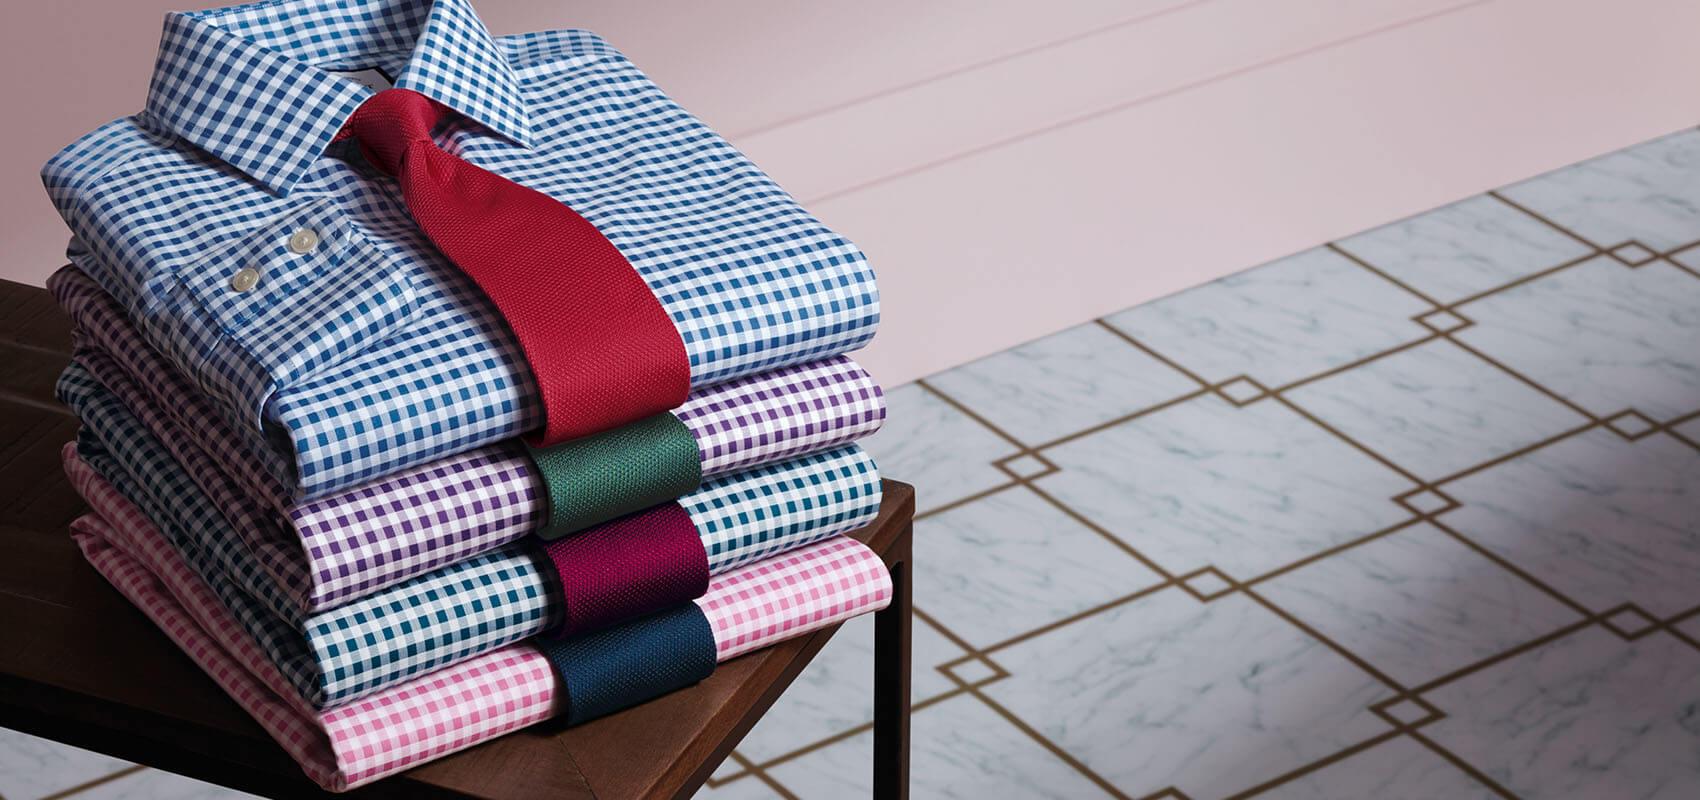 Charles Tyrwhitt Bengal Stripe Shirts